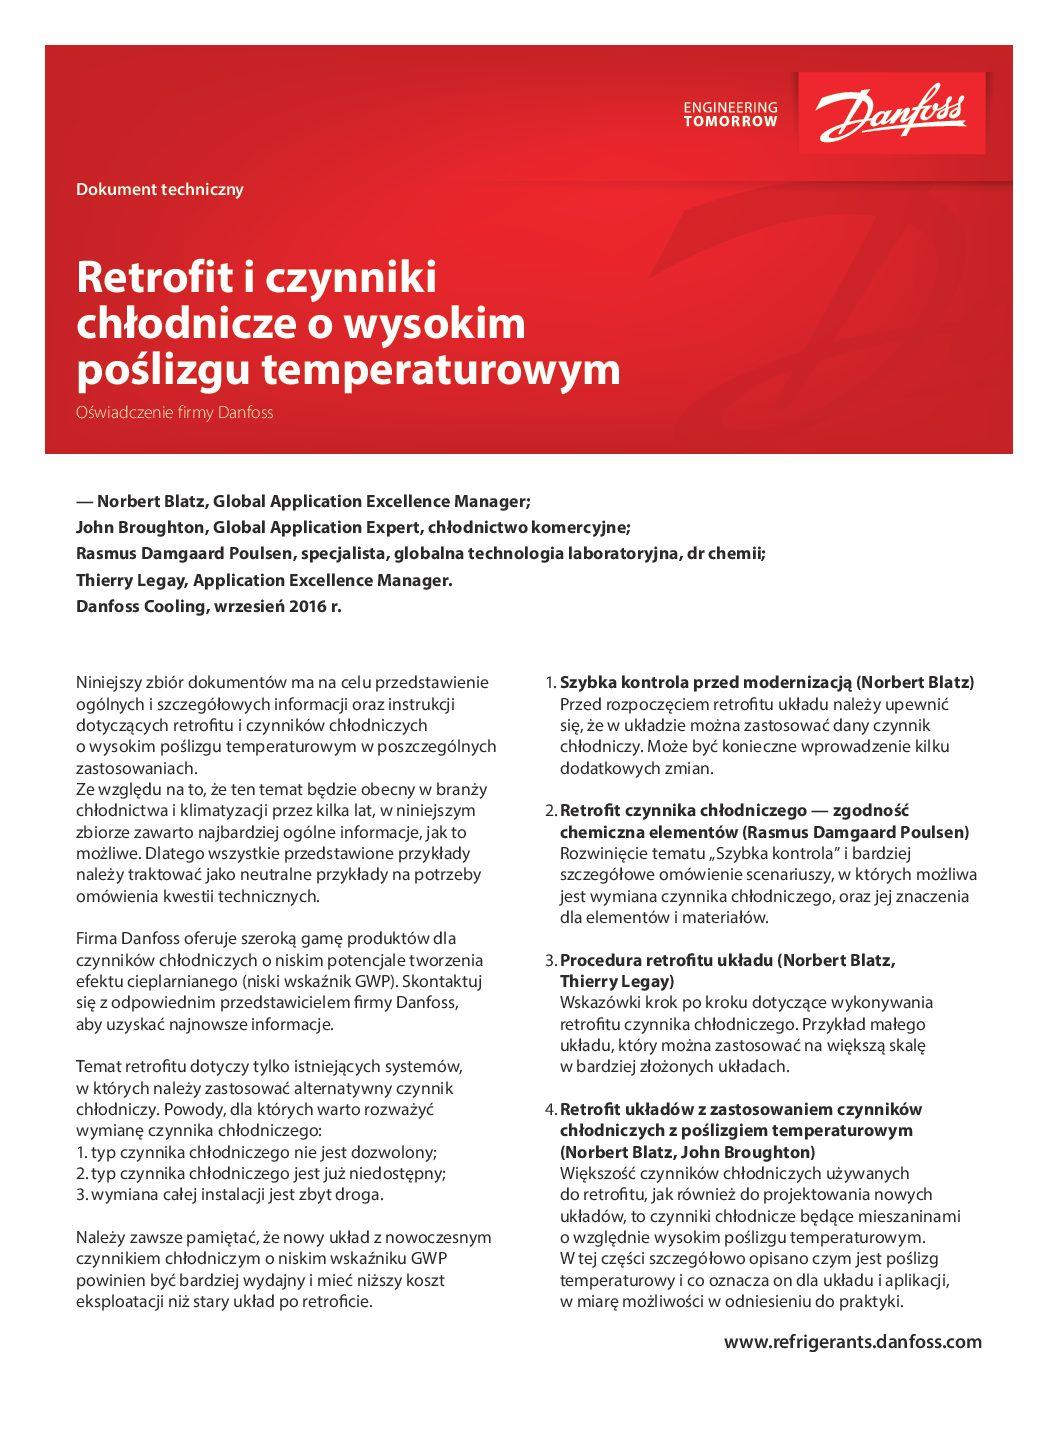 Retrofit i czynniki chłodnicze pdf 221x300 Retrofit i czynniki chłodnicze